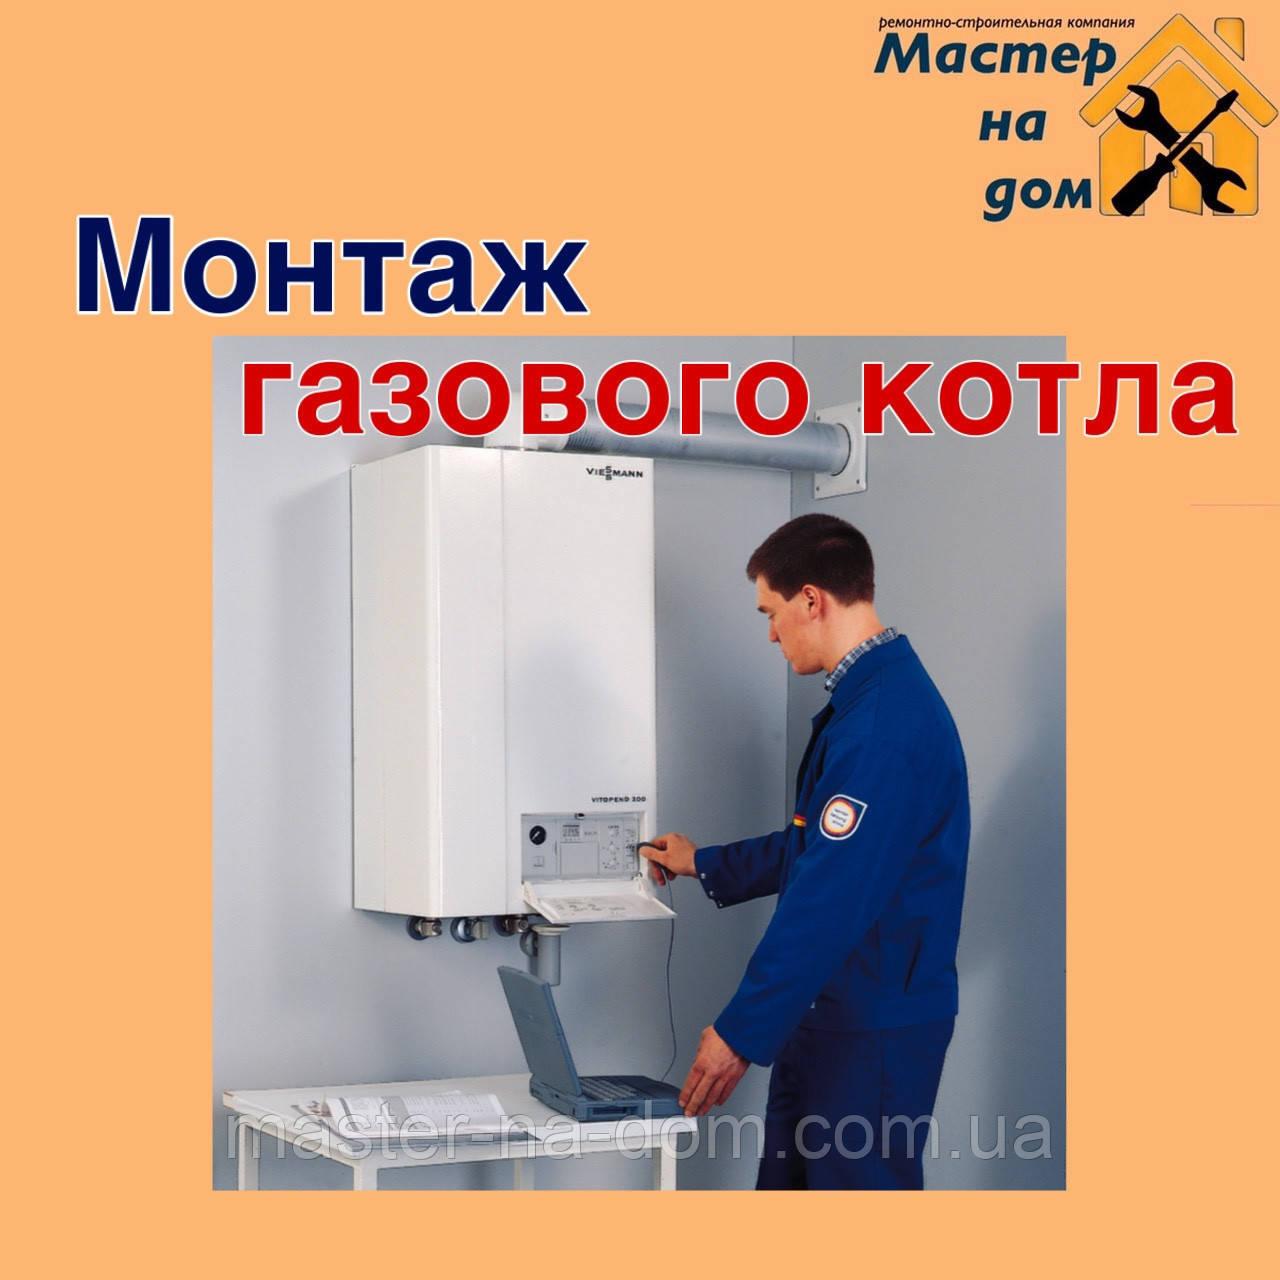 Монтаж газового котла, колонки в Тернополі